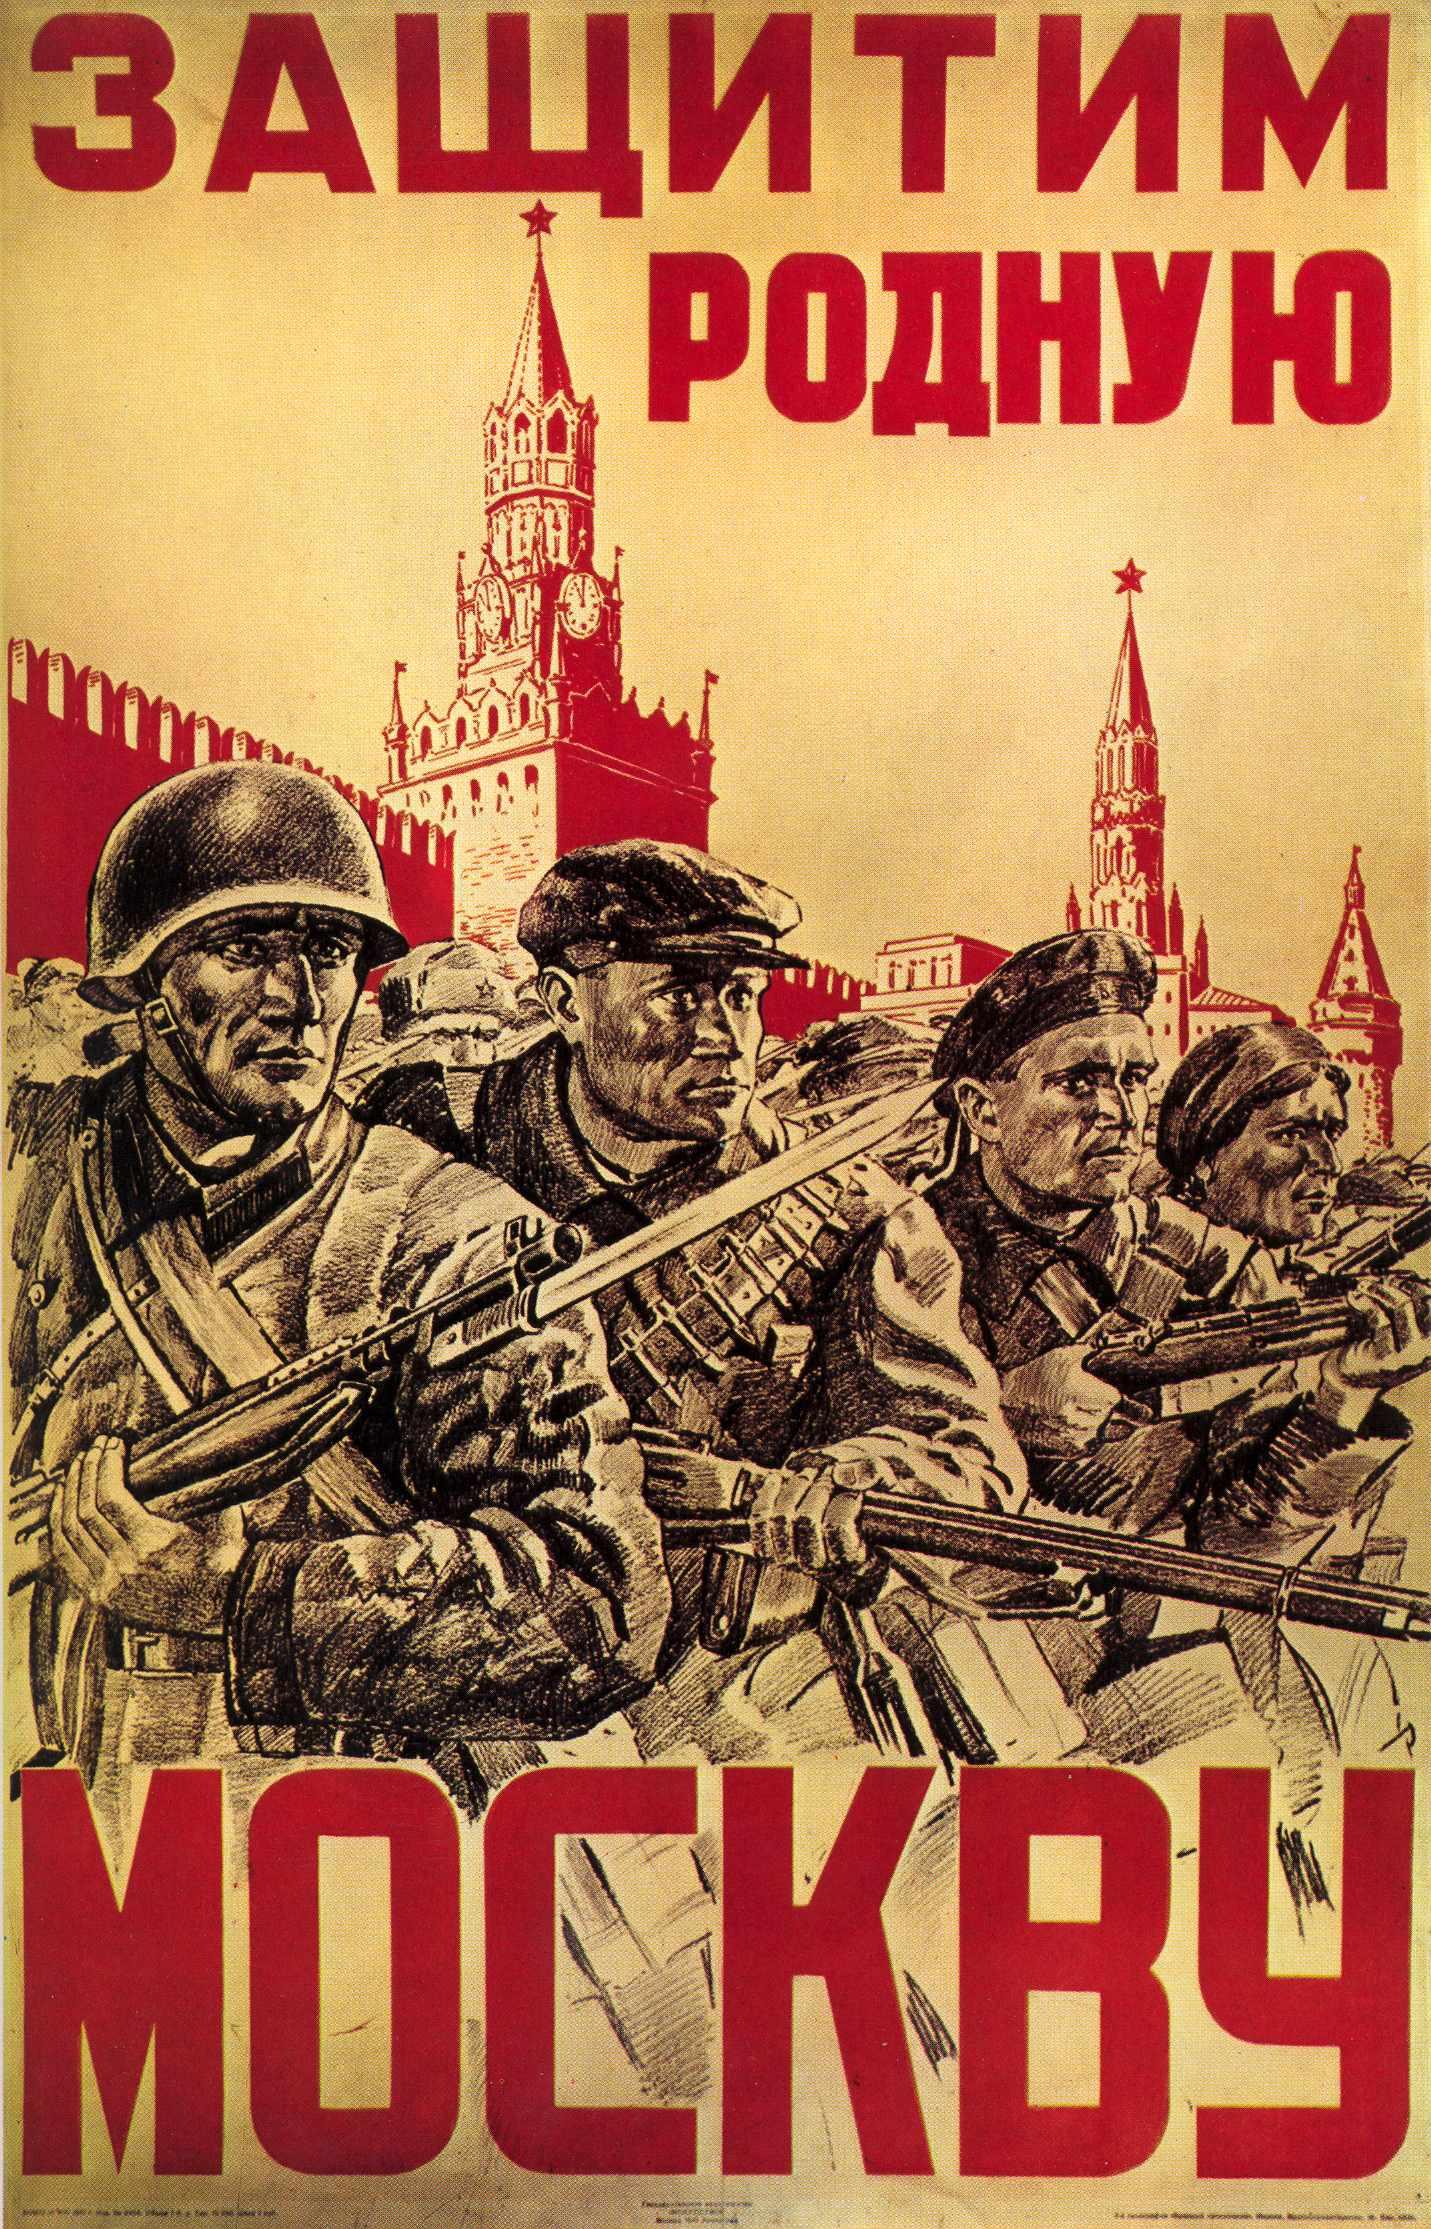 Drawn poster propaganda And propaganda at Draw A